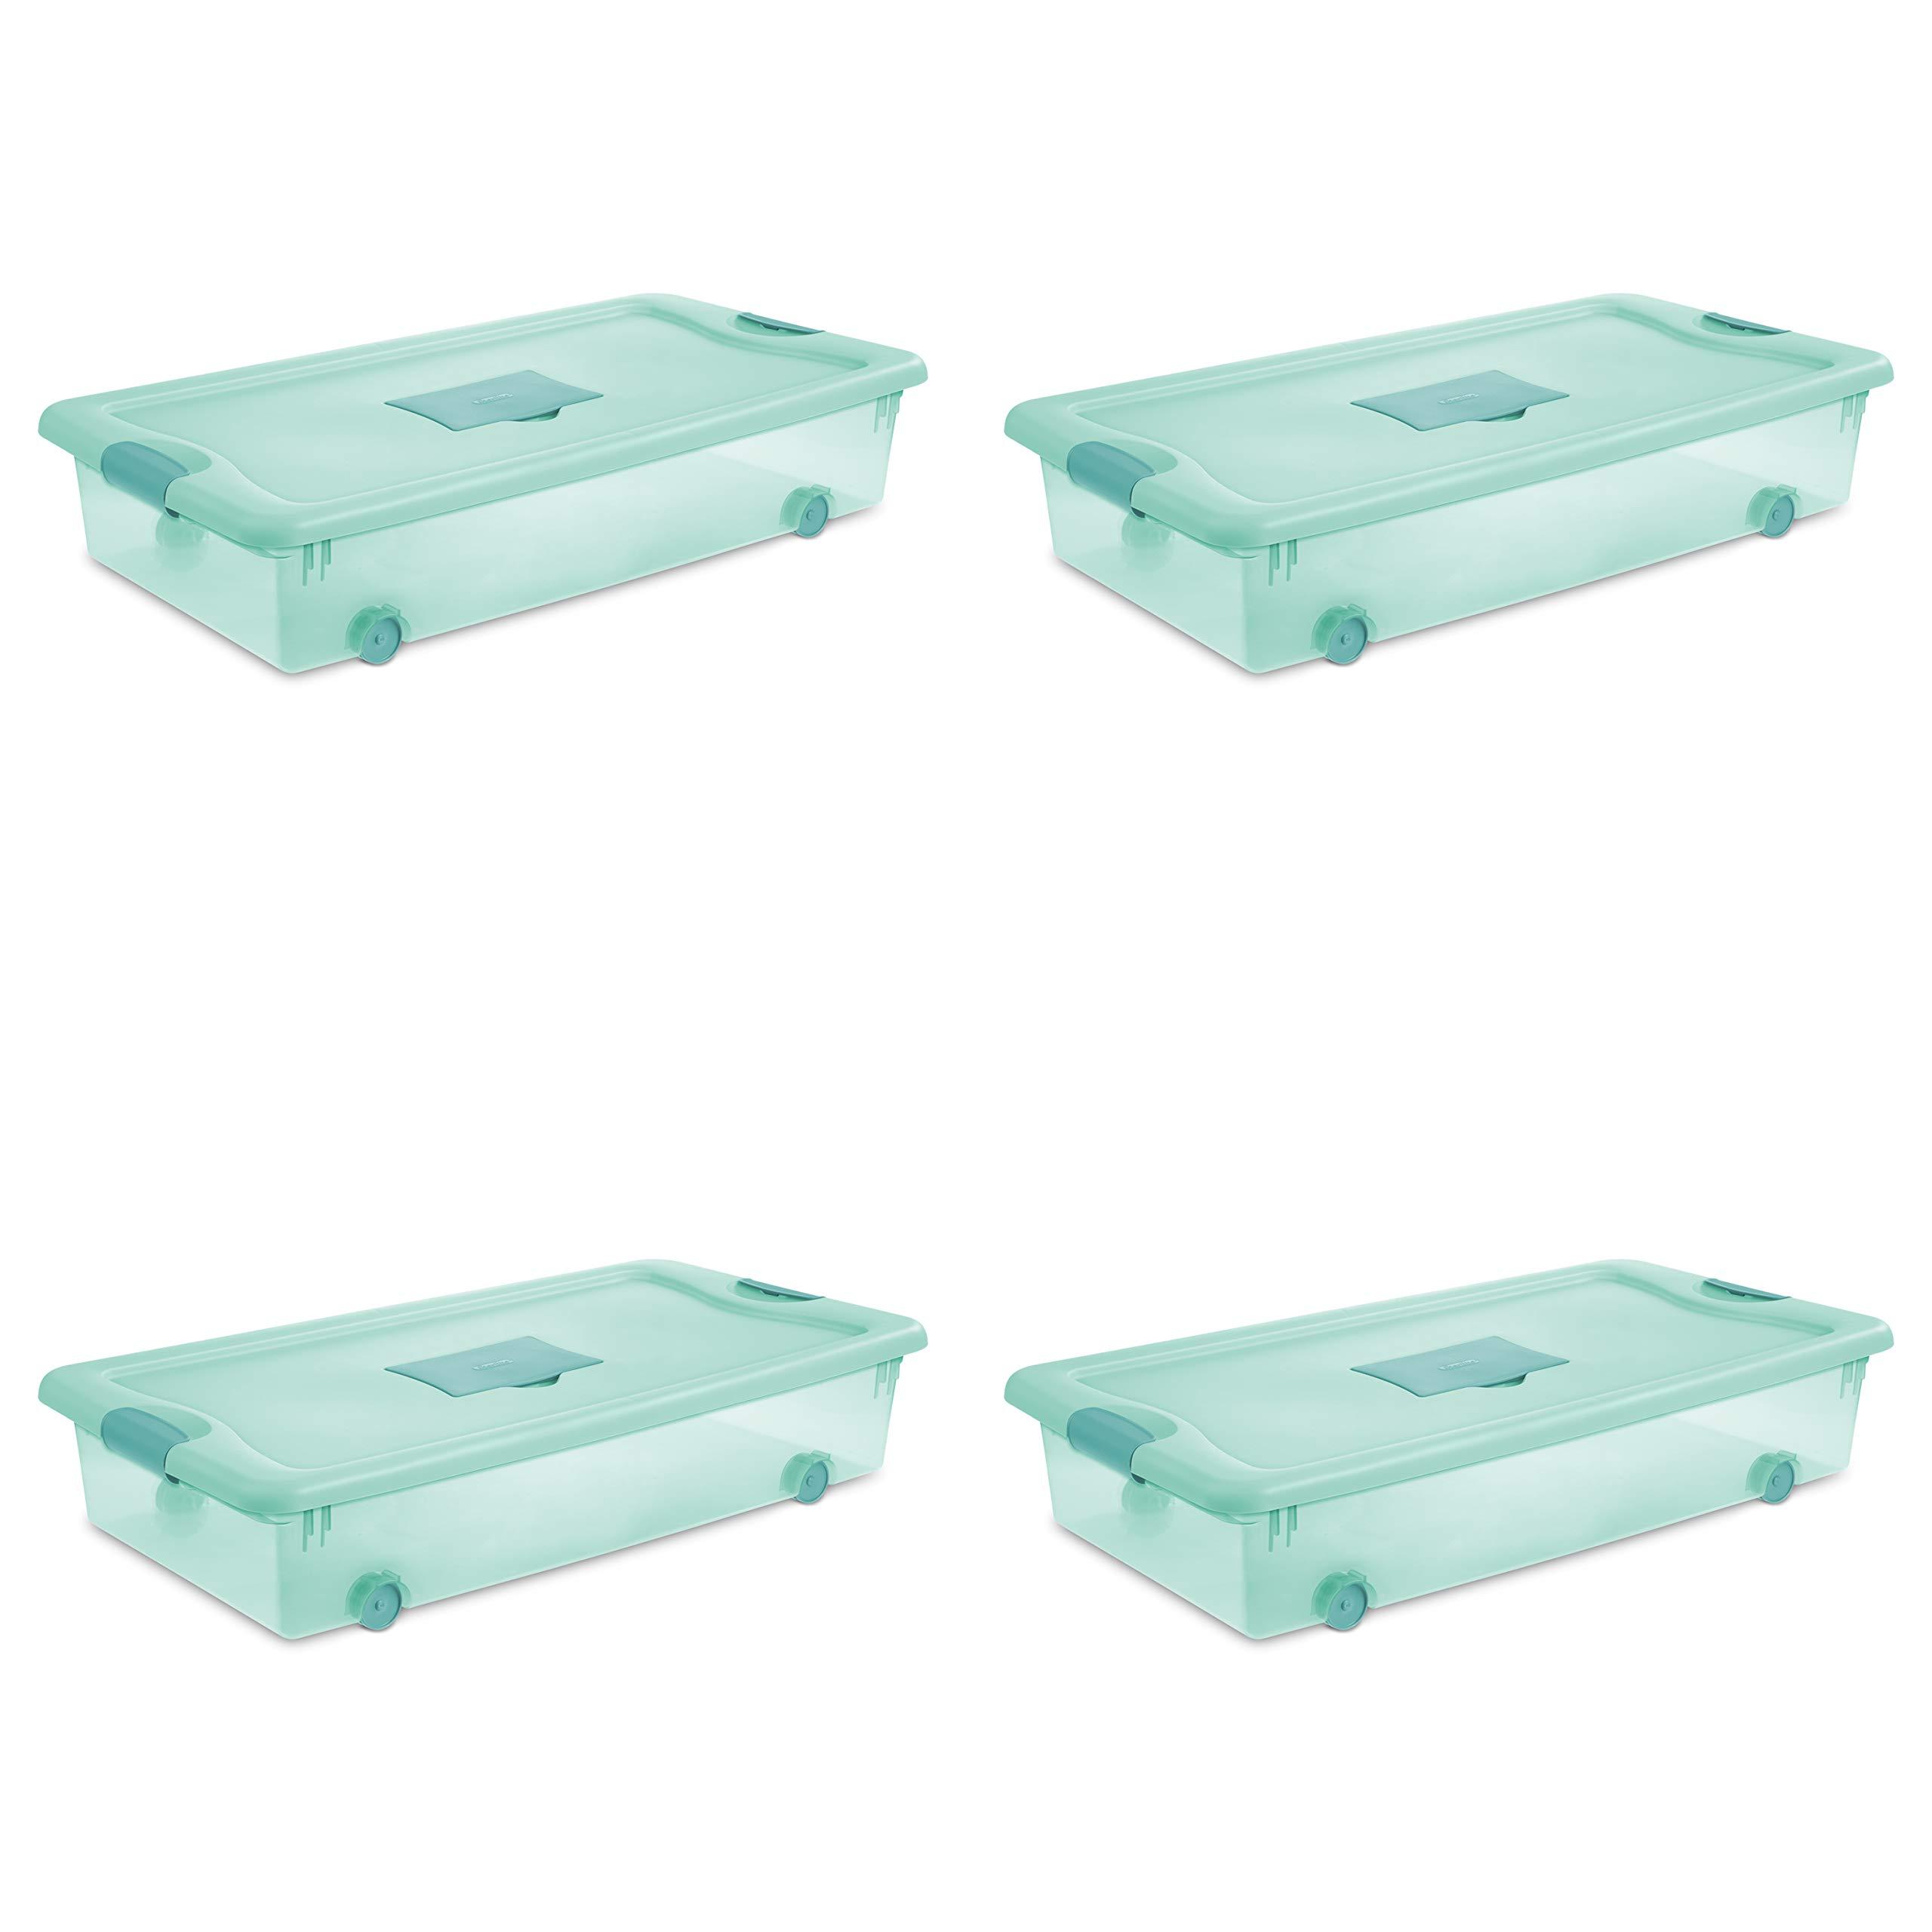 STERILITE 15087Y04 Fresh Scent Box, 56 Quart, Tint/Aqua Chrome/Teal Splash by STERILITE